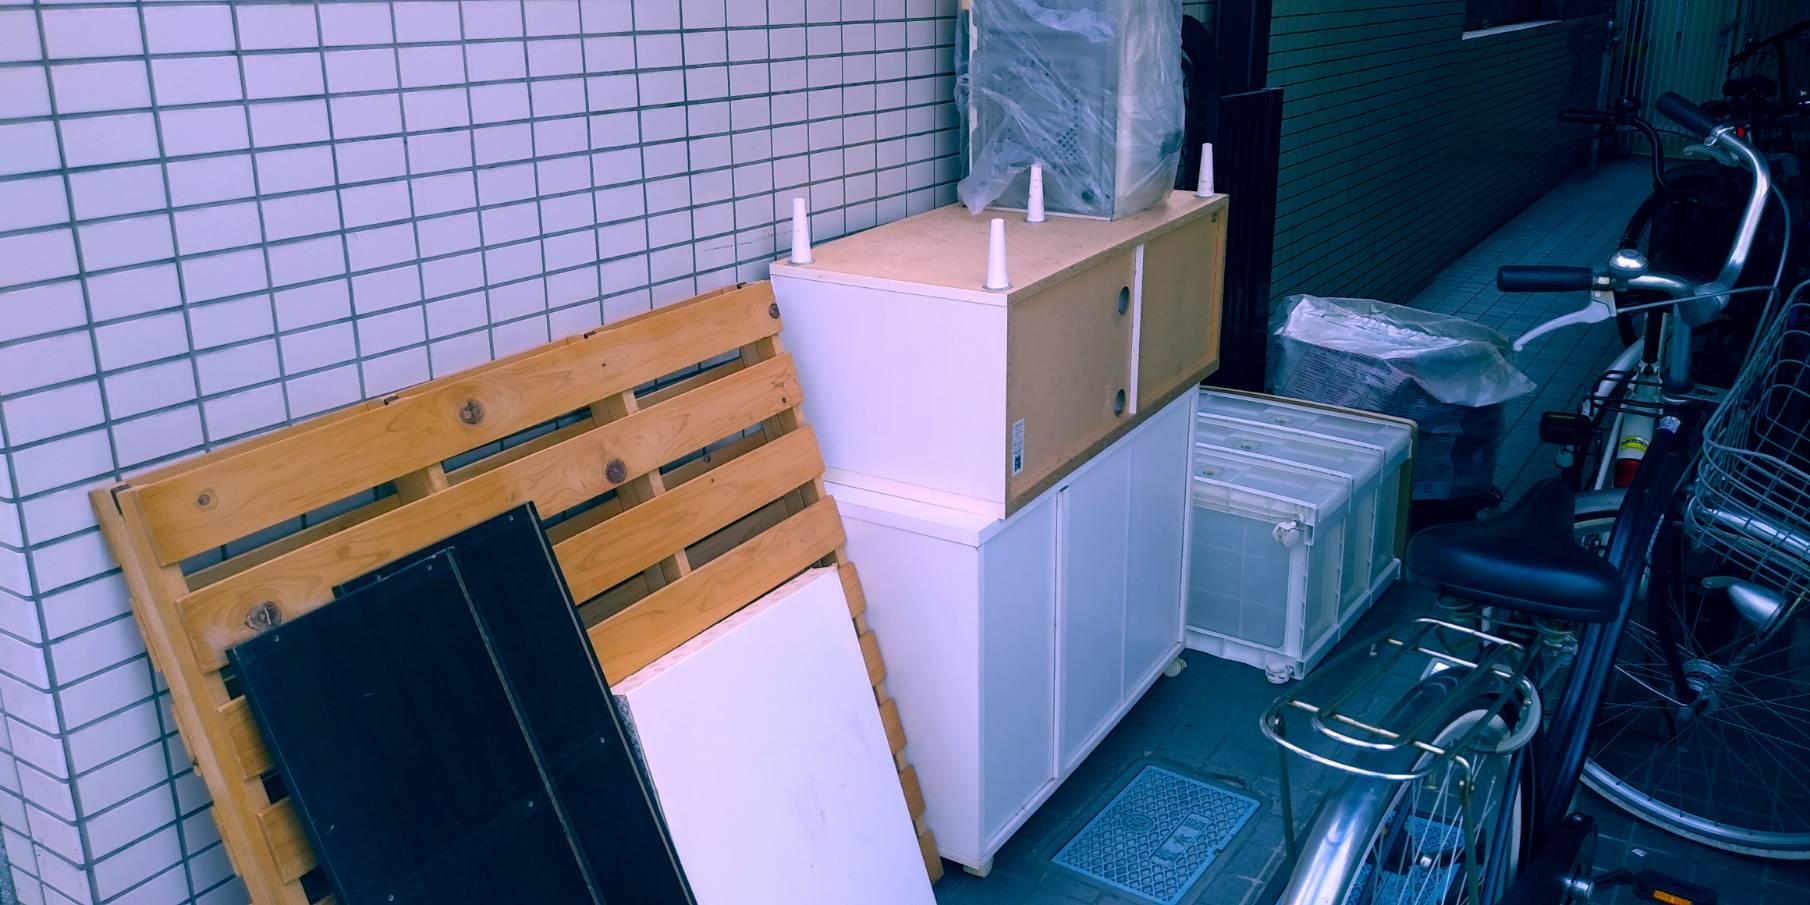 カラーボックス、簀子、キャビネットの回収前